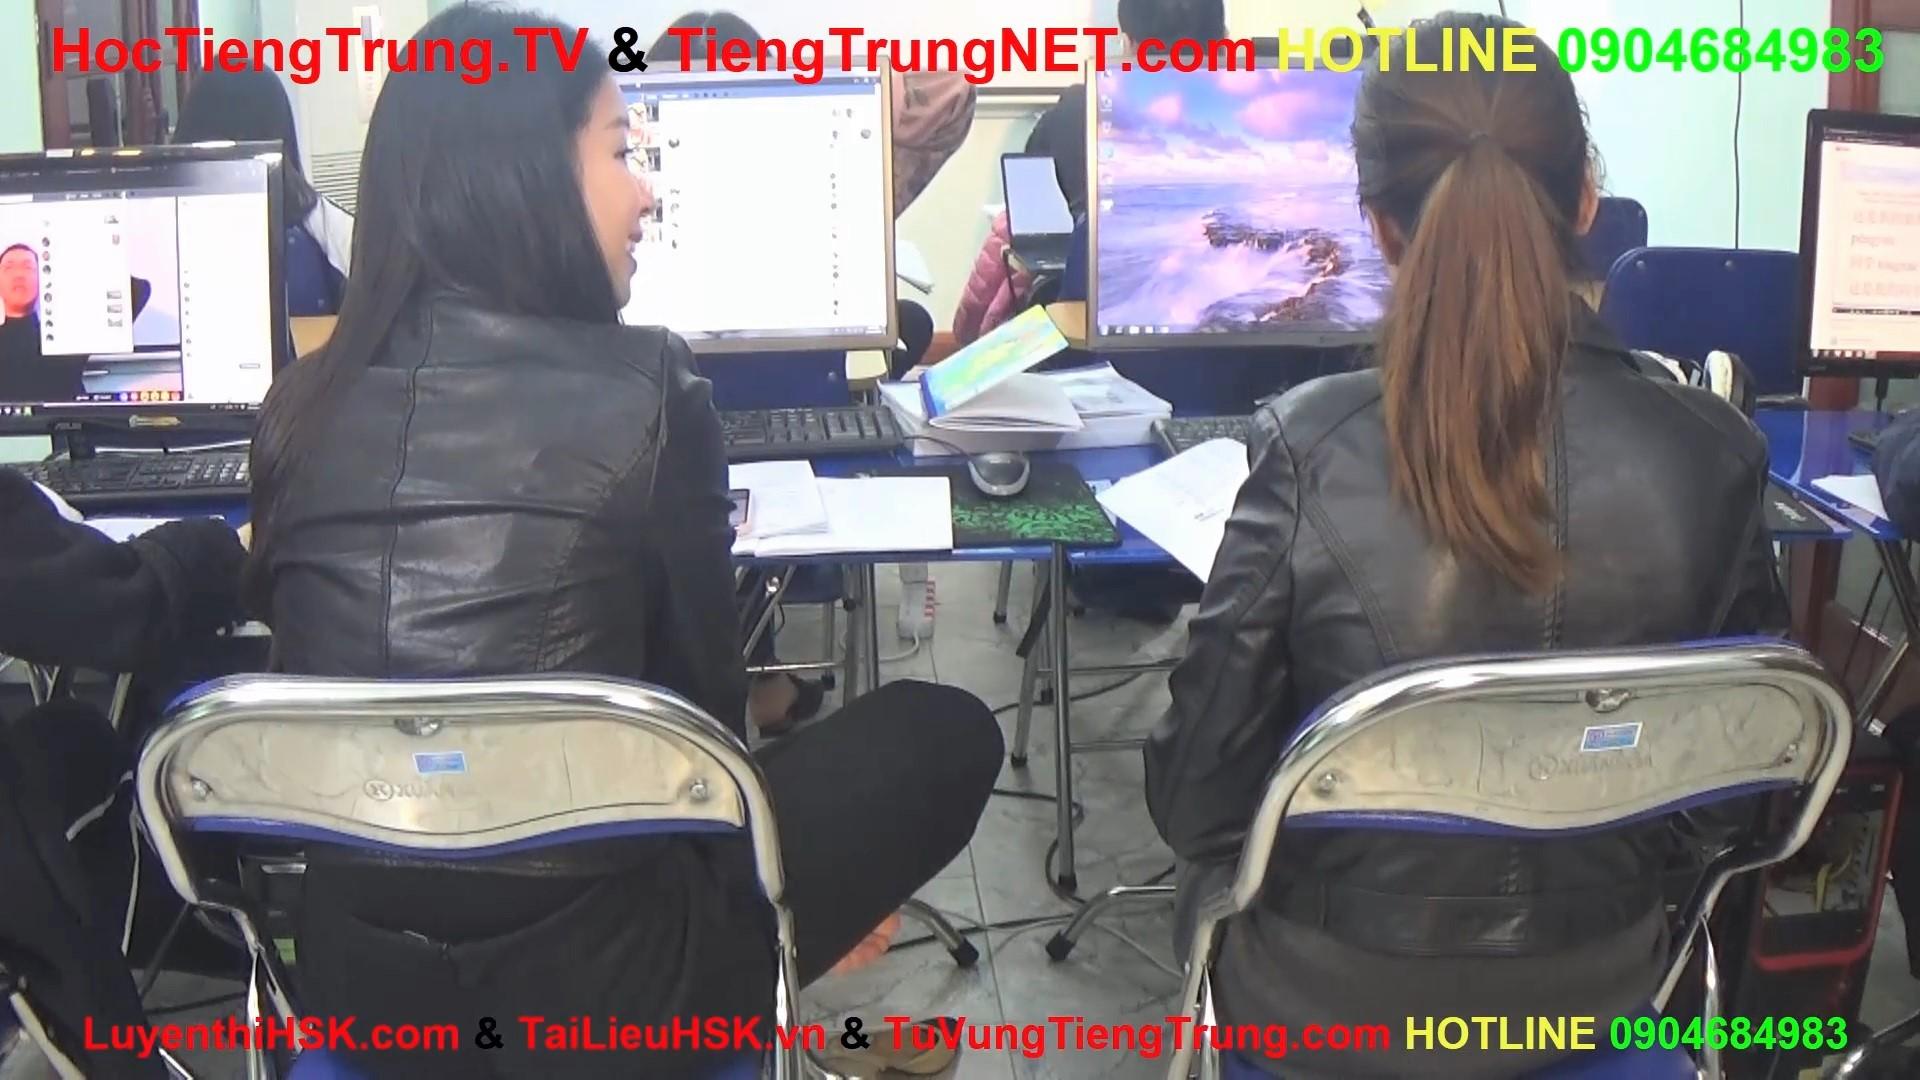 Học tiếng Trung online Thầy Vũ Trung tâm tiếng Trung ChineMaster 6